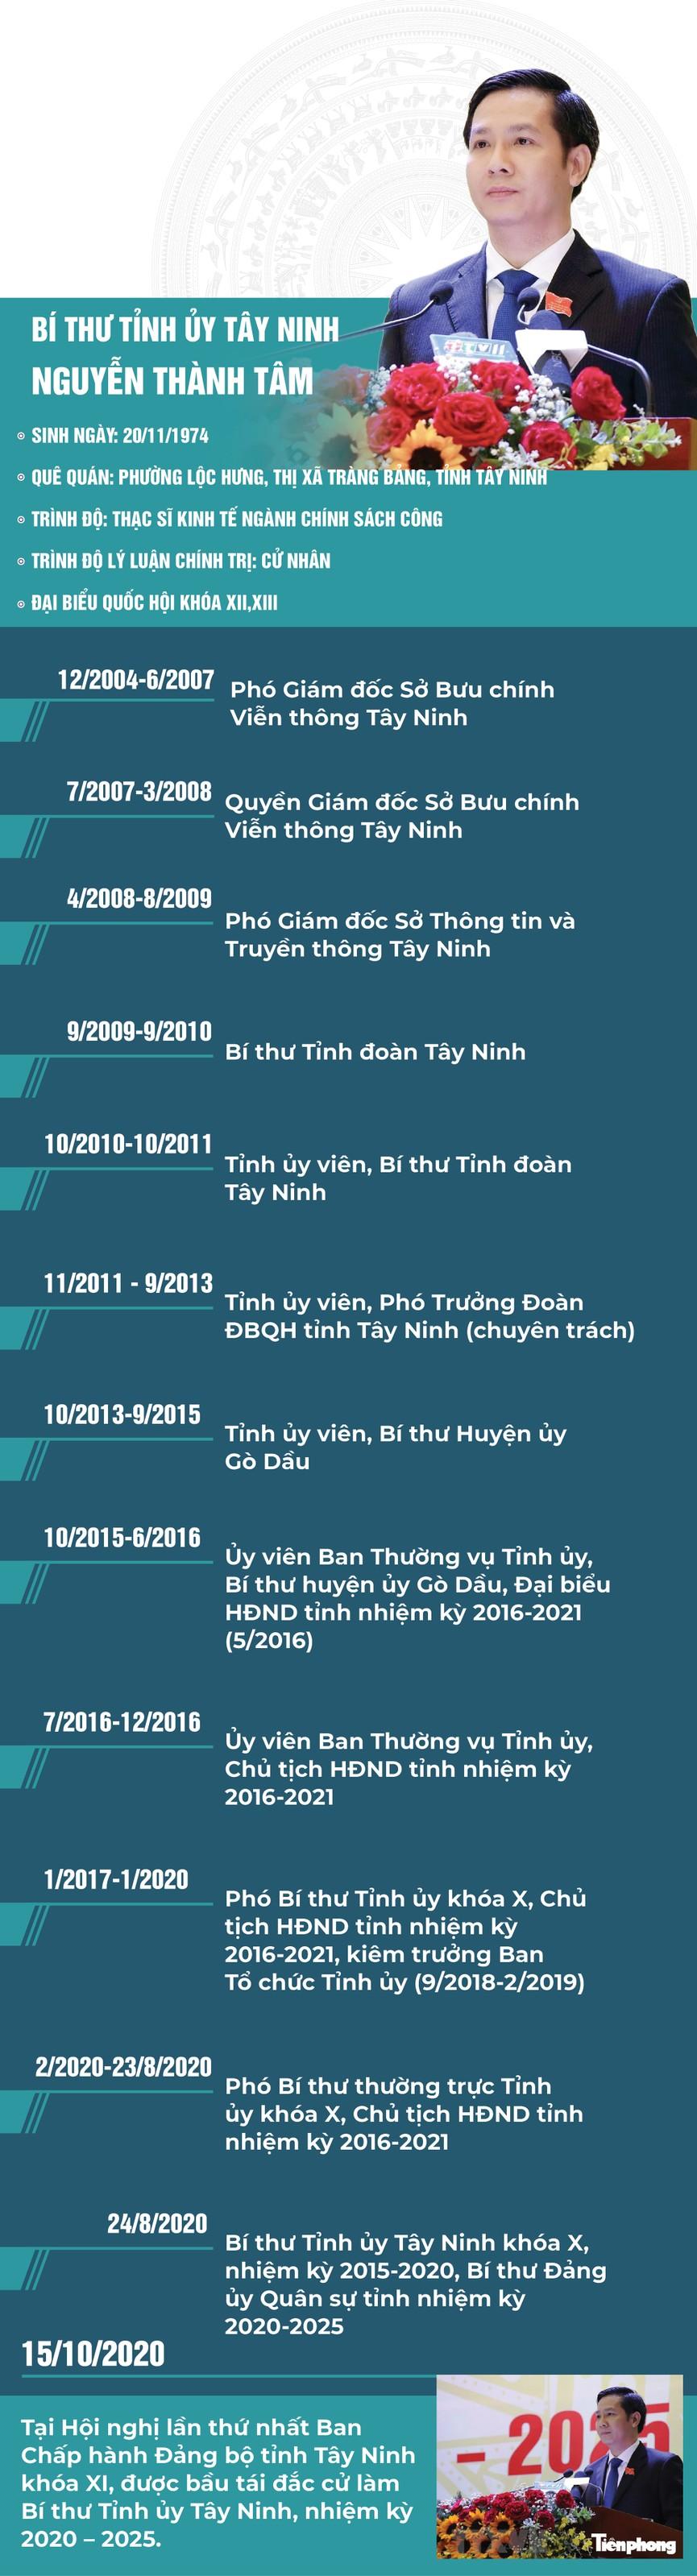 Chân dung Bí thư Tây Ninh Nguyễn Thành Tâm  - ảnh 1